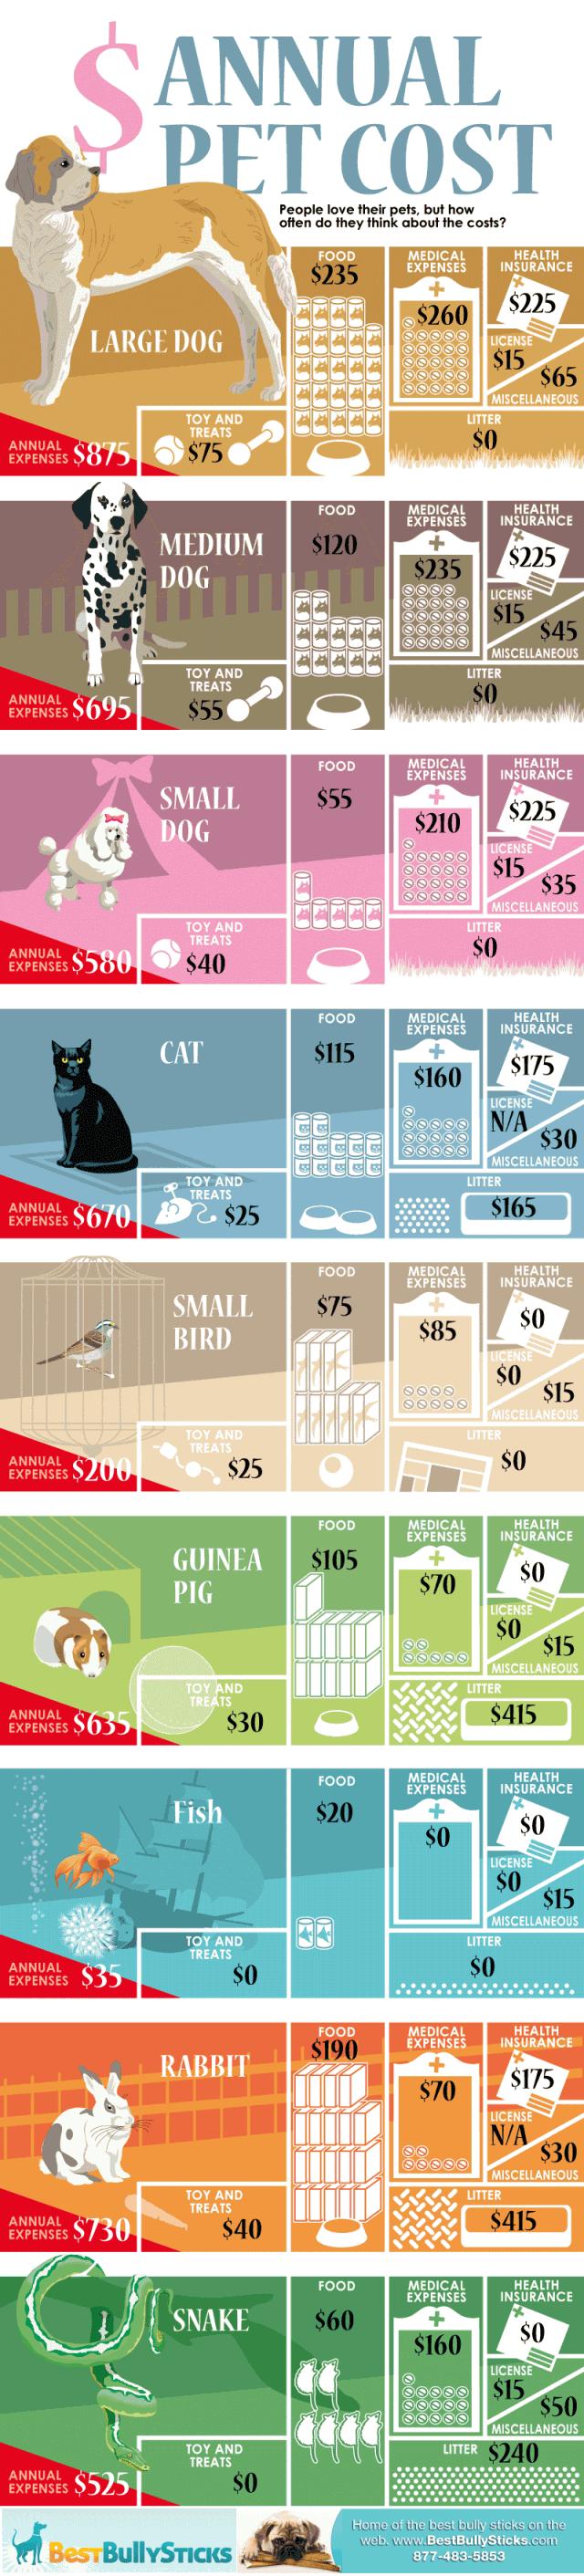 annual-cost-of-pets_51196de71a4a6-640x2823